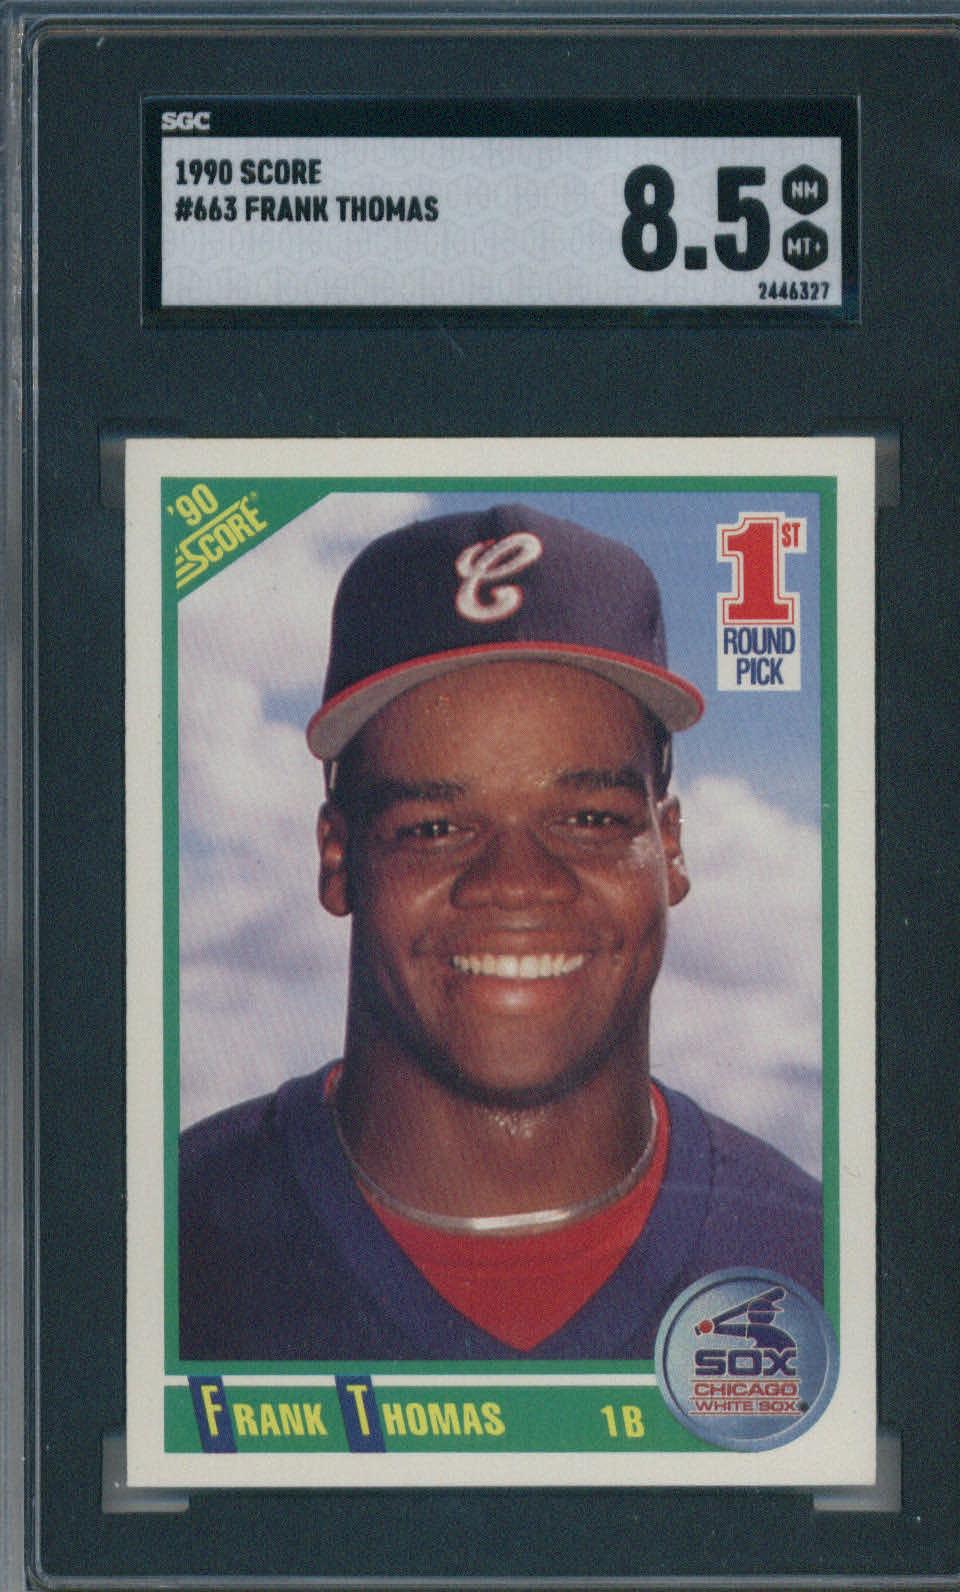 1990 Score #663 Frank Thomas SGC 8.5